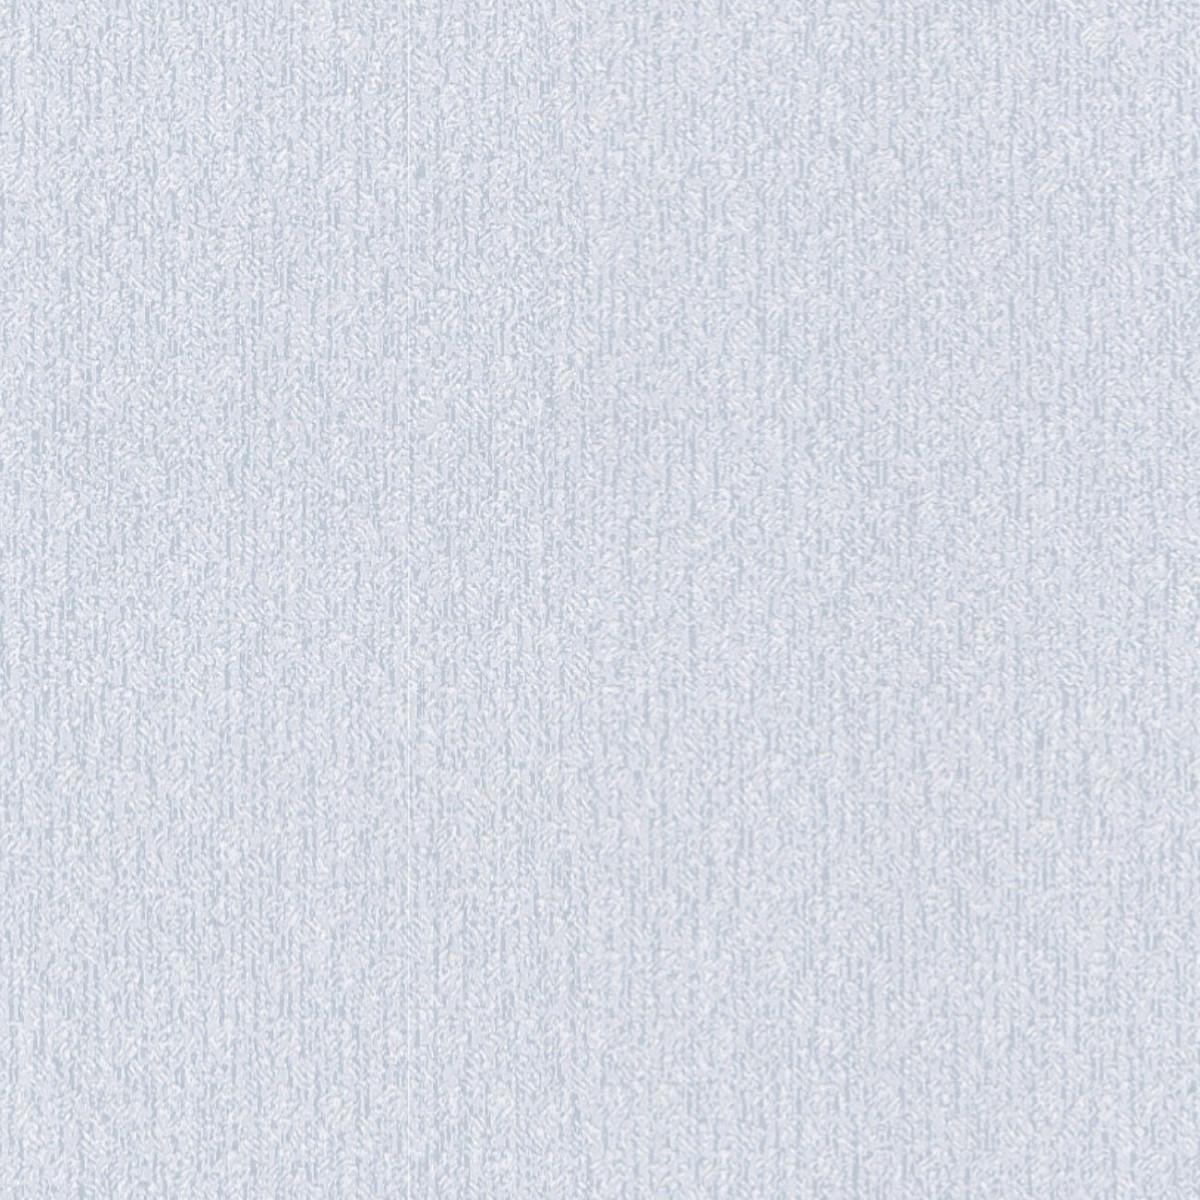 Обои флизелиновые Wallberry Viktoria серые 1.06 м 11-259-02